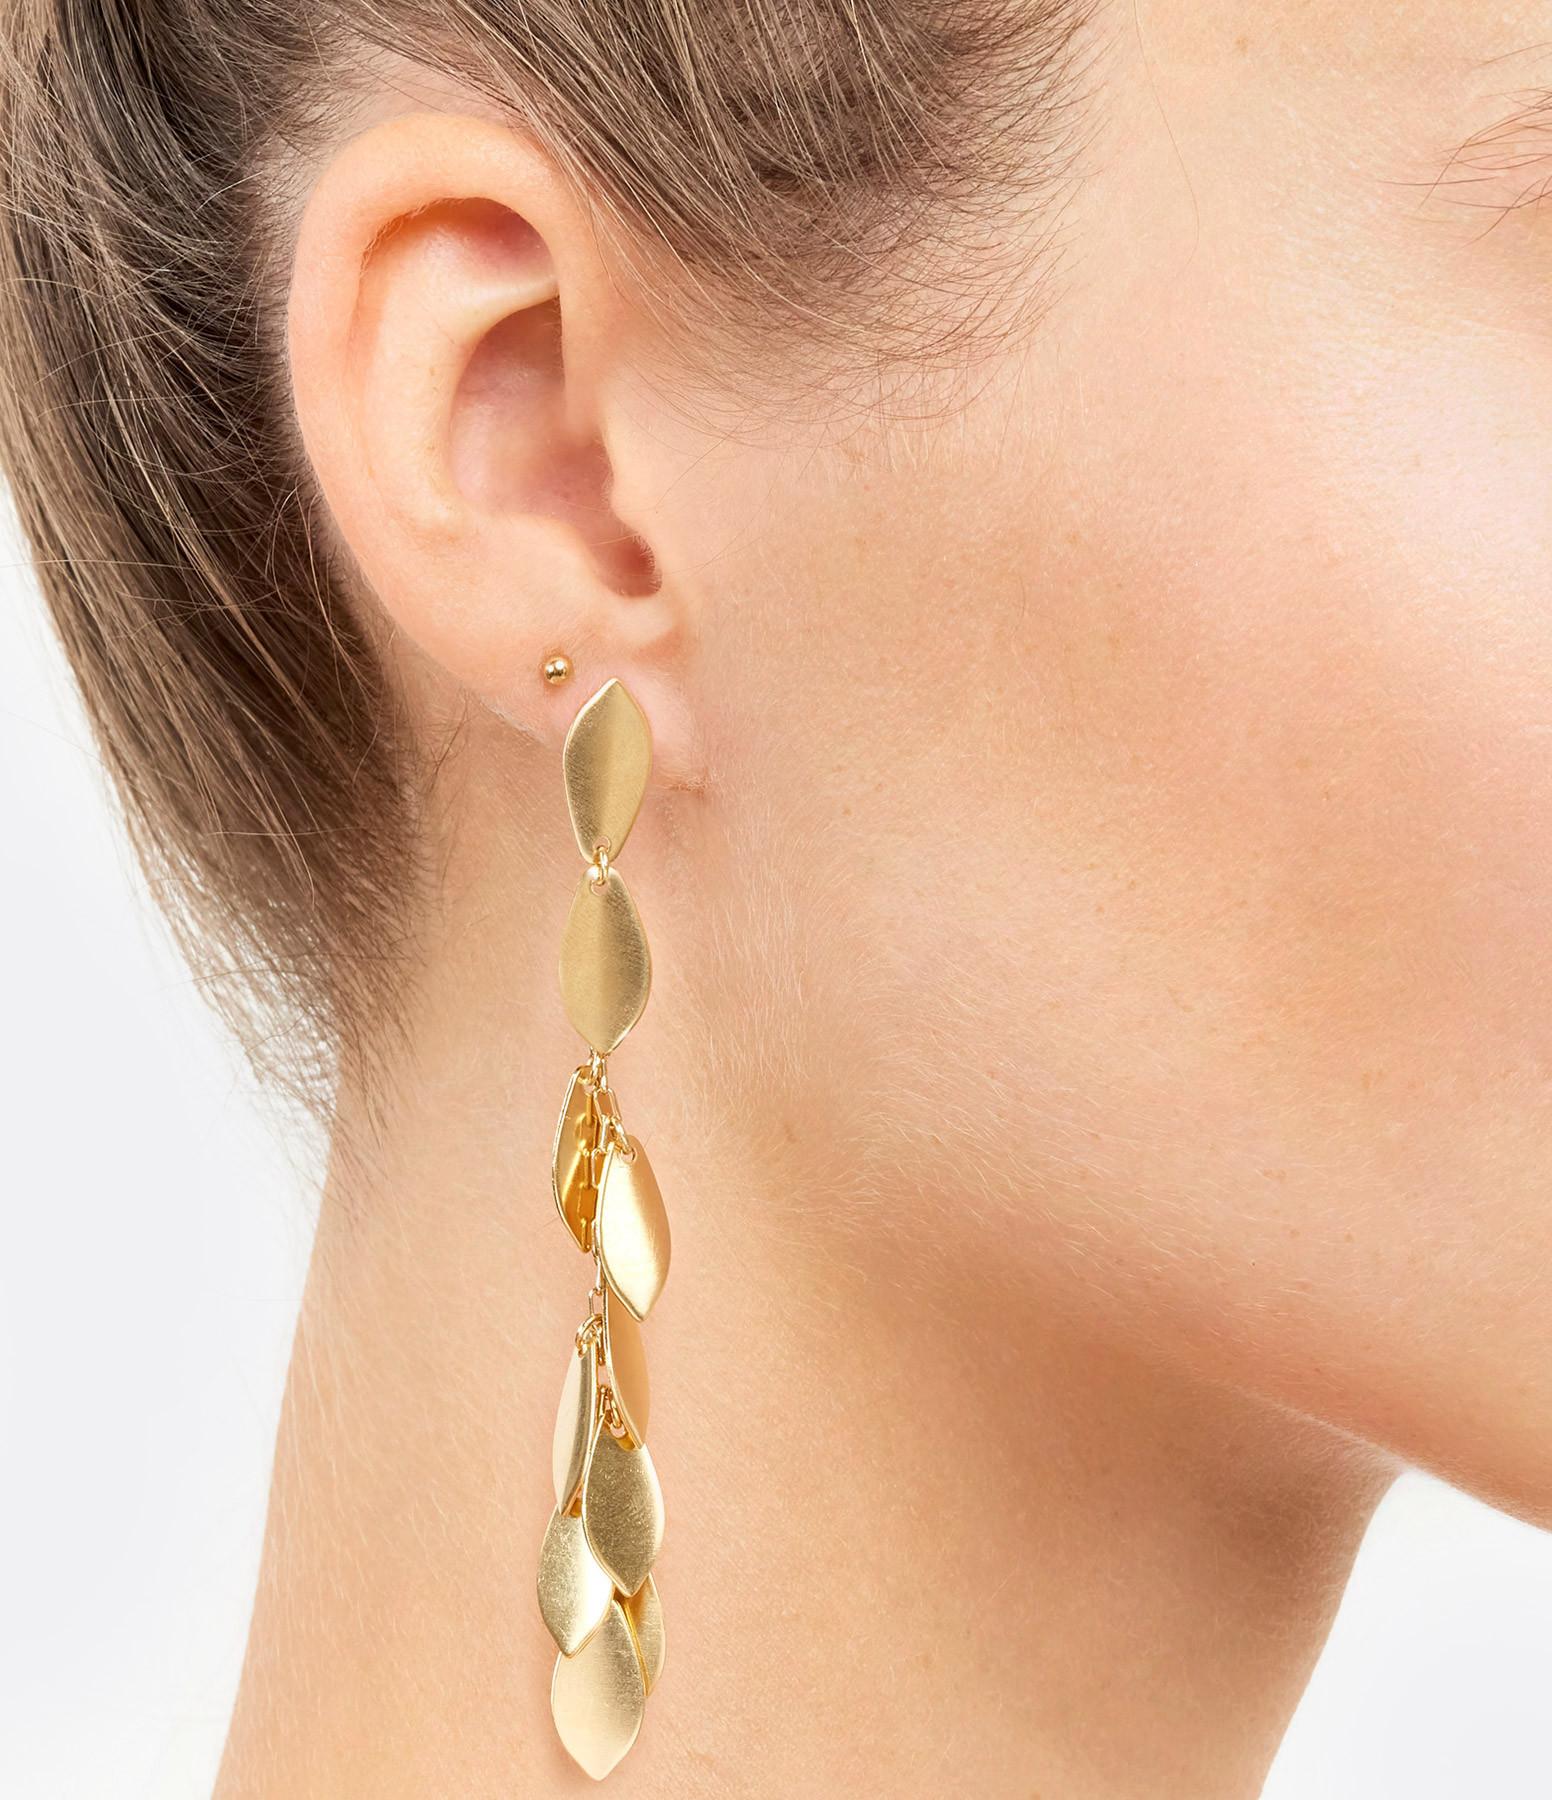 ISABEL MARANT - Boucles d'oreilles Longues Laiton Doré